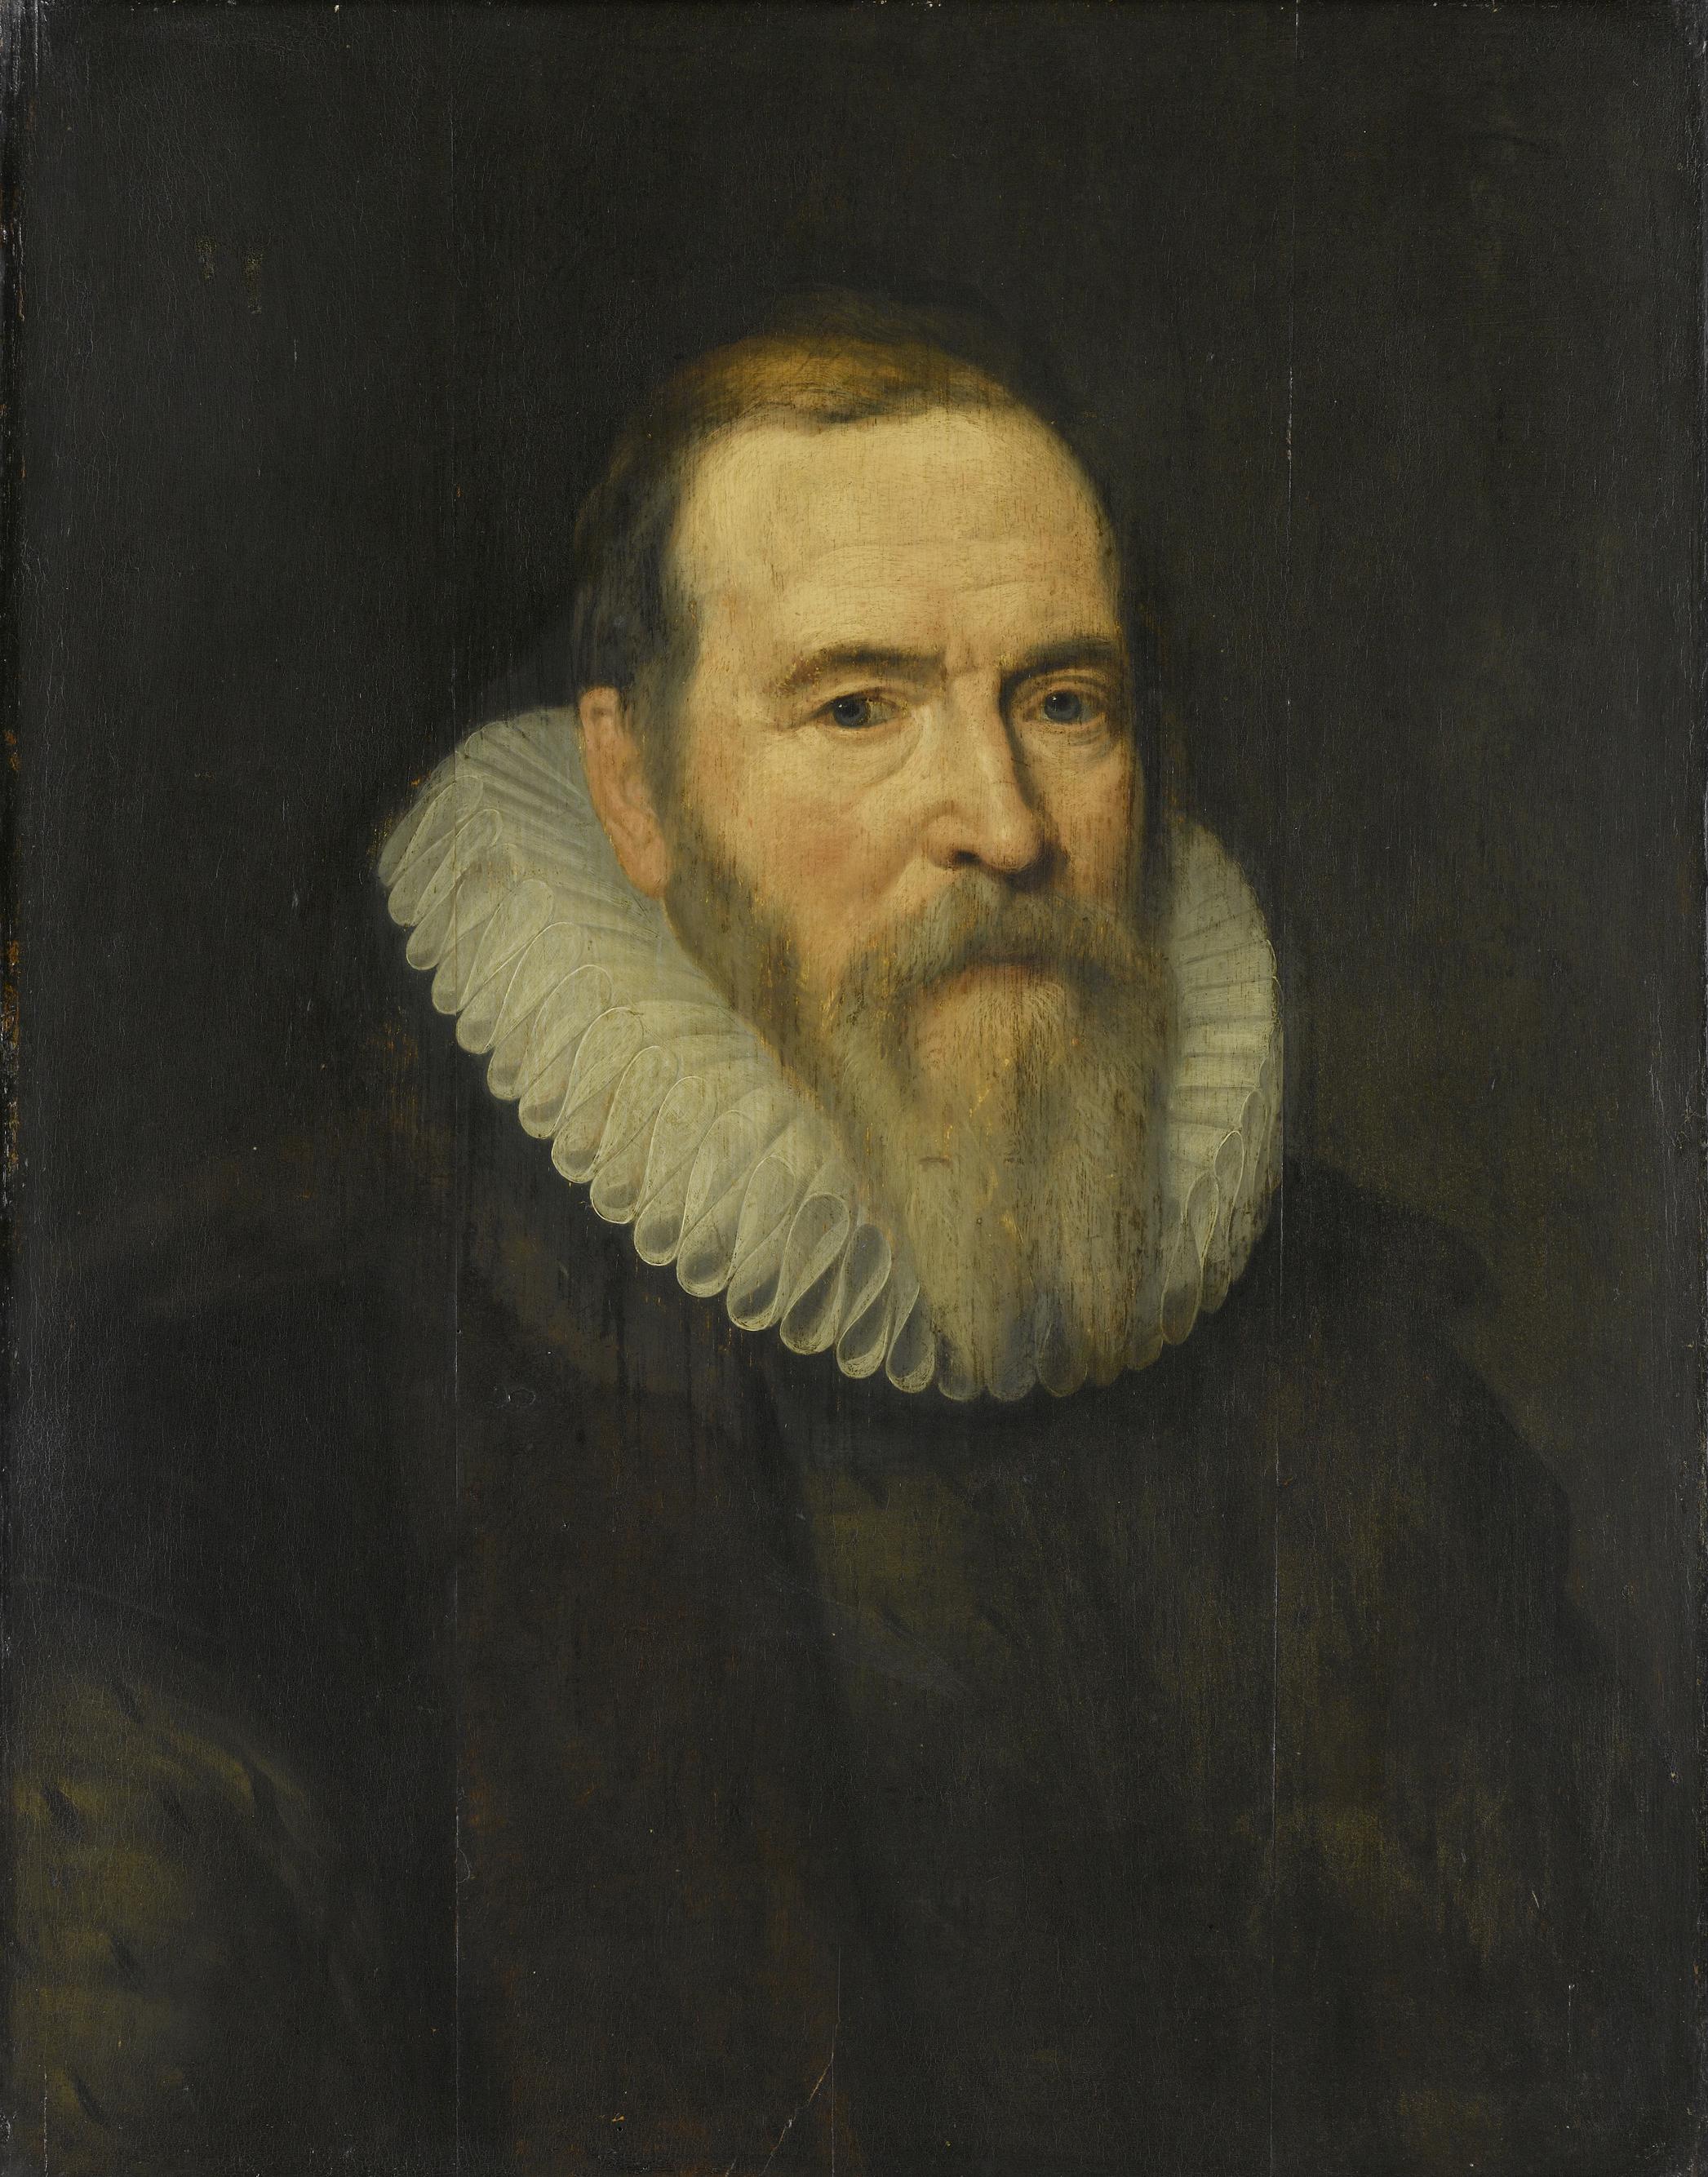 Pierwsze holenderskie kompanie handlowe powstawały spontanicznie, z inicjatywy zainteresowanych kupców. Już w 1602 roku Johan van Oldenbarneveldt nakazał jednak ich zjednoczenie. Takie były początki potężnej Holenderskiej Kompanii Wschodnioindyjskiej.